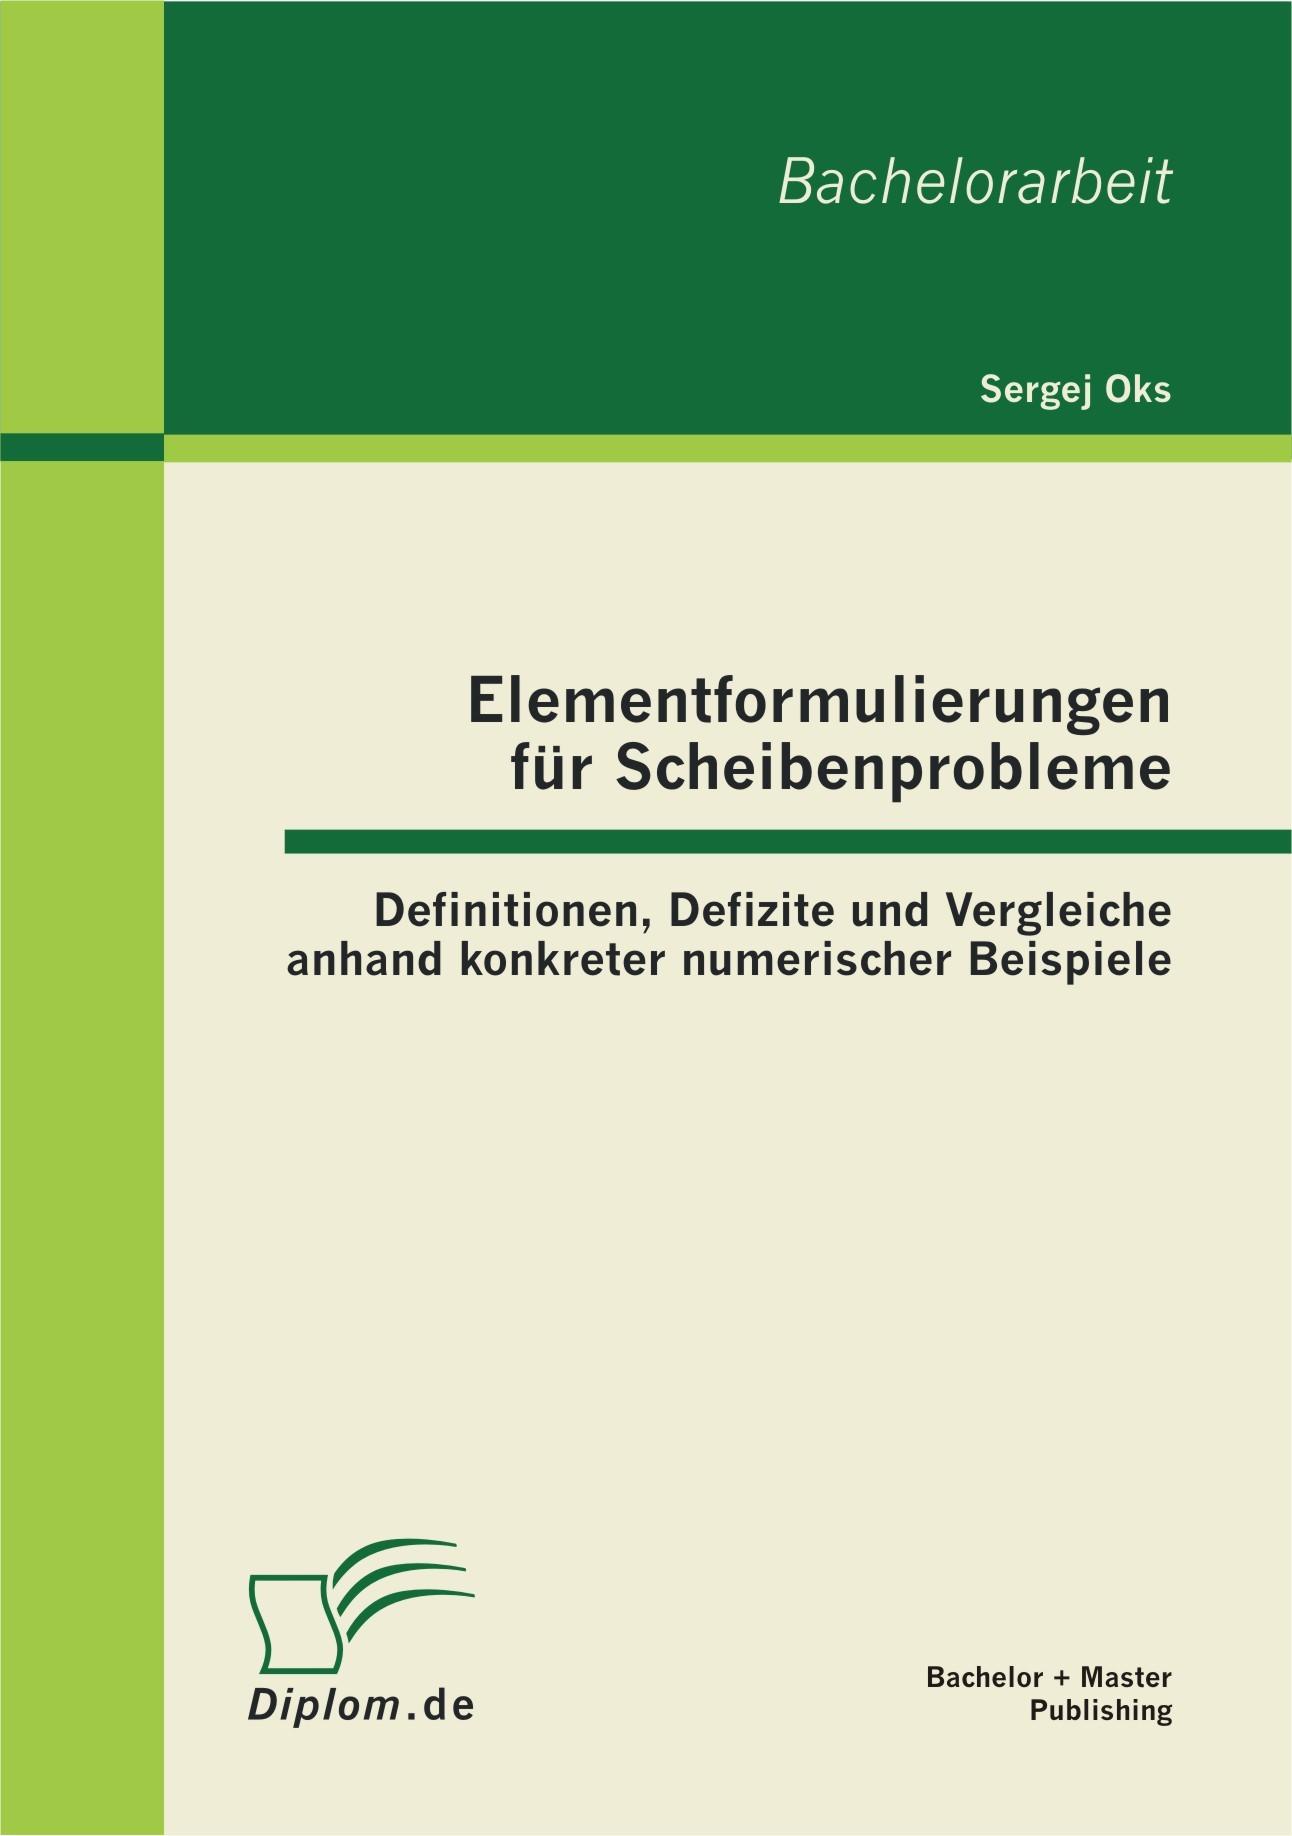 Elementformulierungen für Scheibenprobleme: Definitionen, Defizite und Vergleiche anhand konkreter numerischer Beispiele | Oks, 2012 | Buch (Cover)